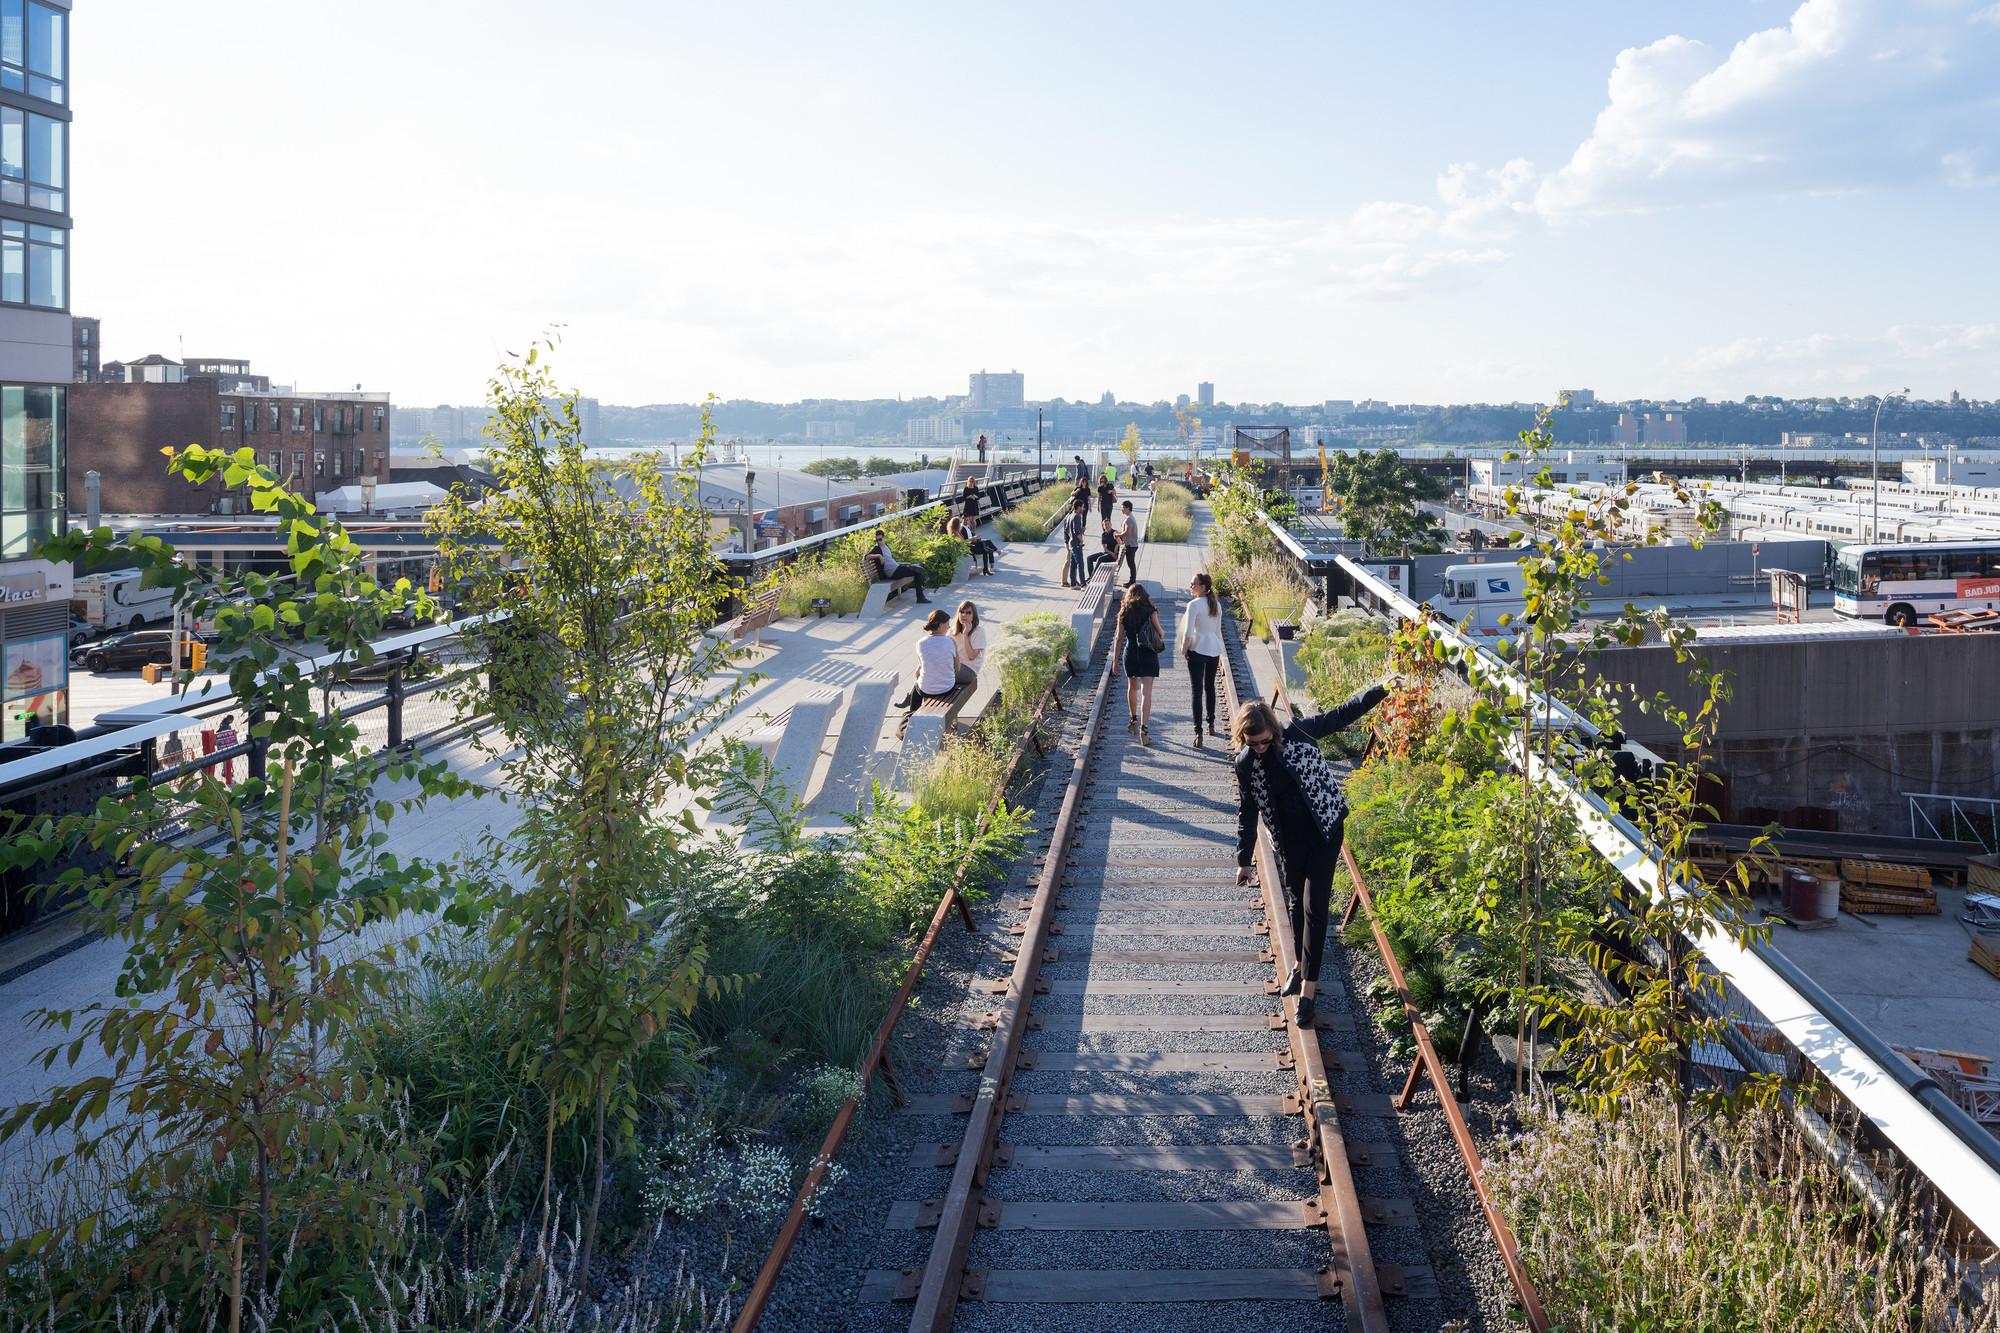 Arquitectos del paisaje: la clave para el futuro de nuestras ciudades